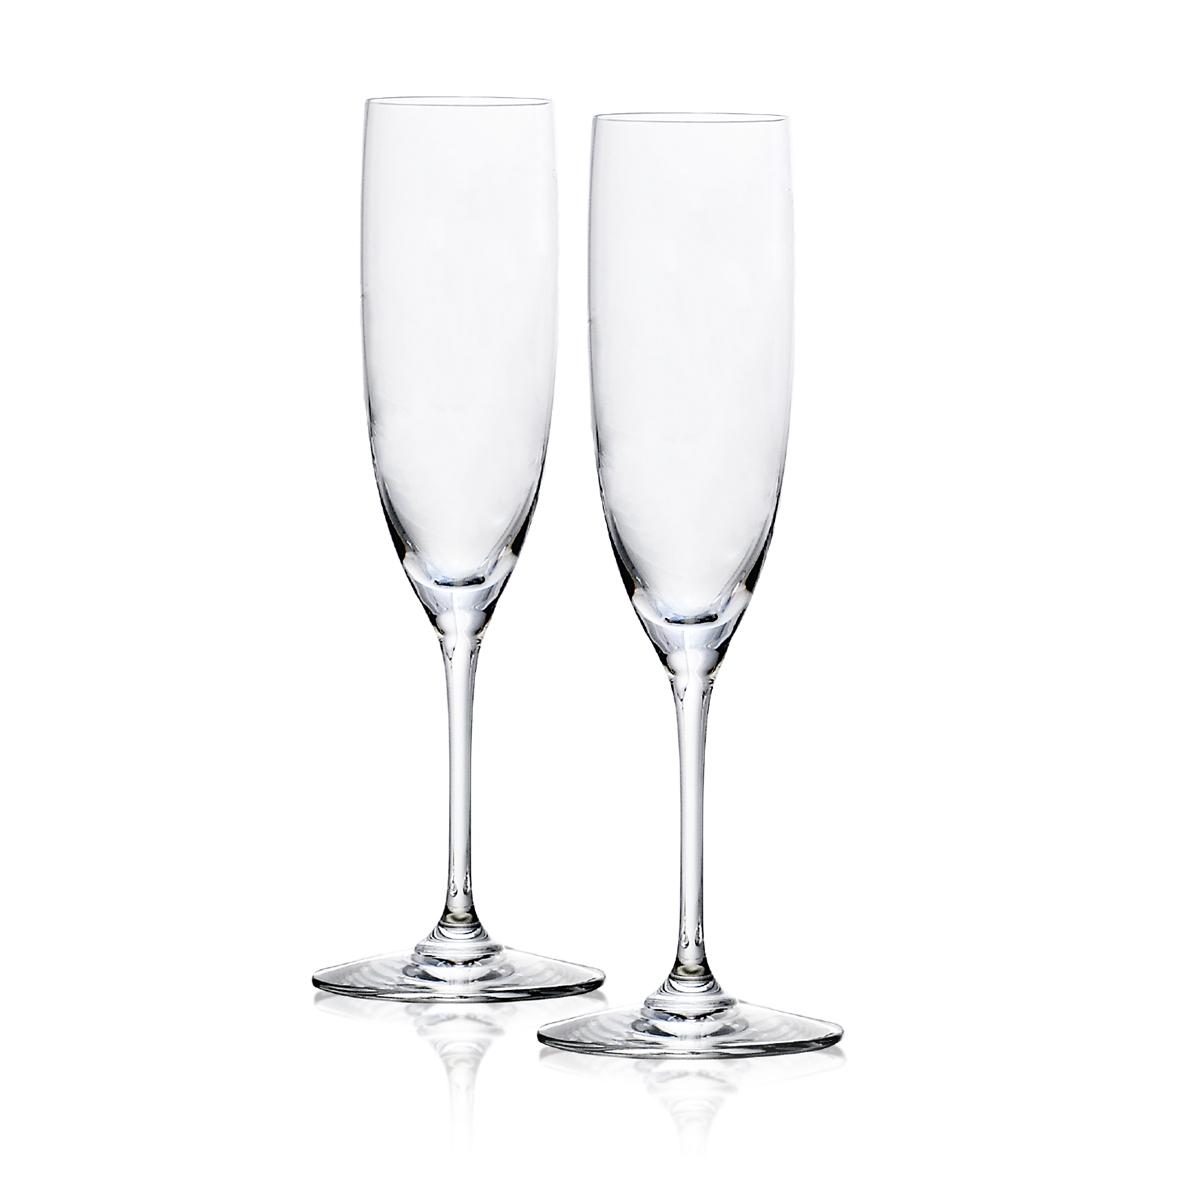 Steuben Century Champagne Pair